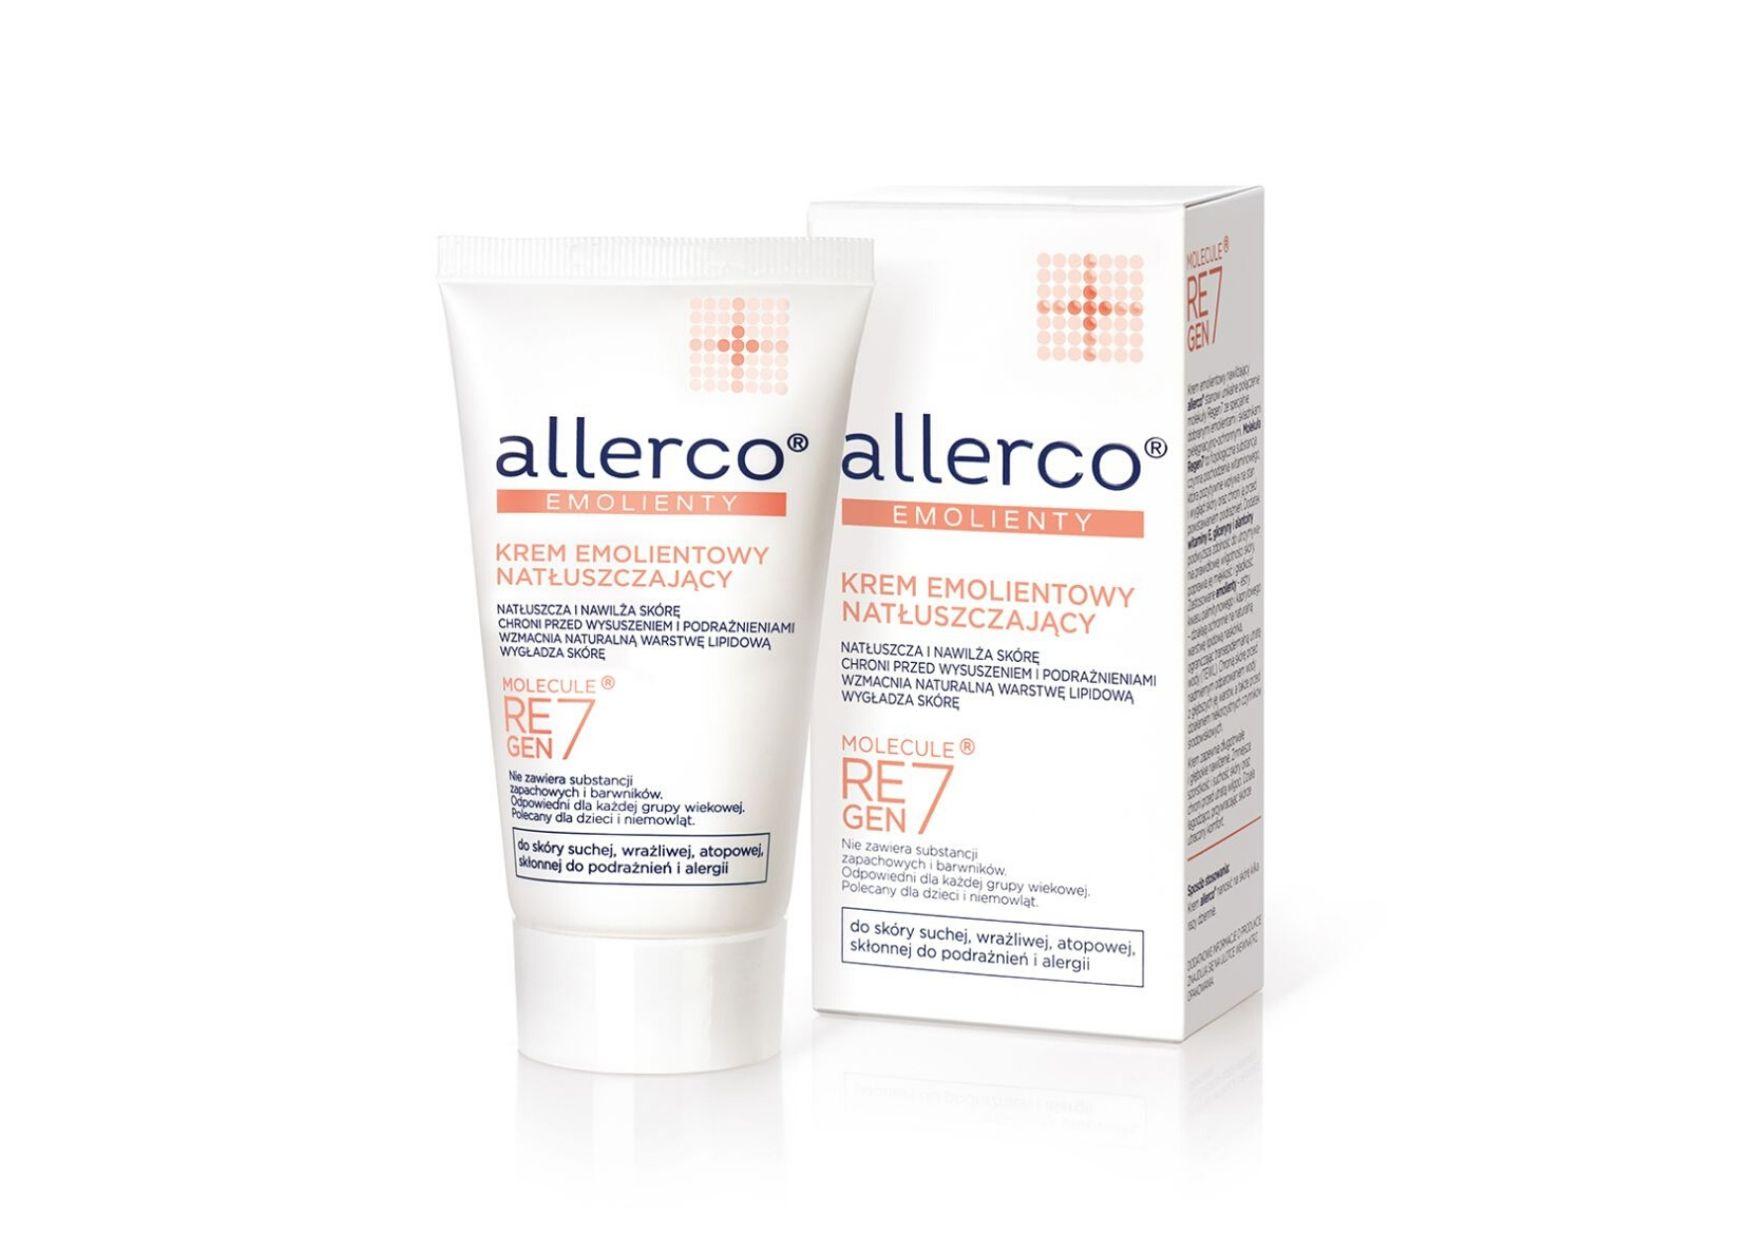 Krem natłuszczający Allerco na zimowe podrażnienia